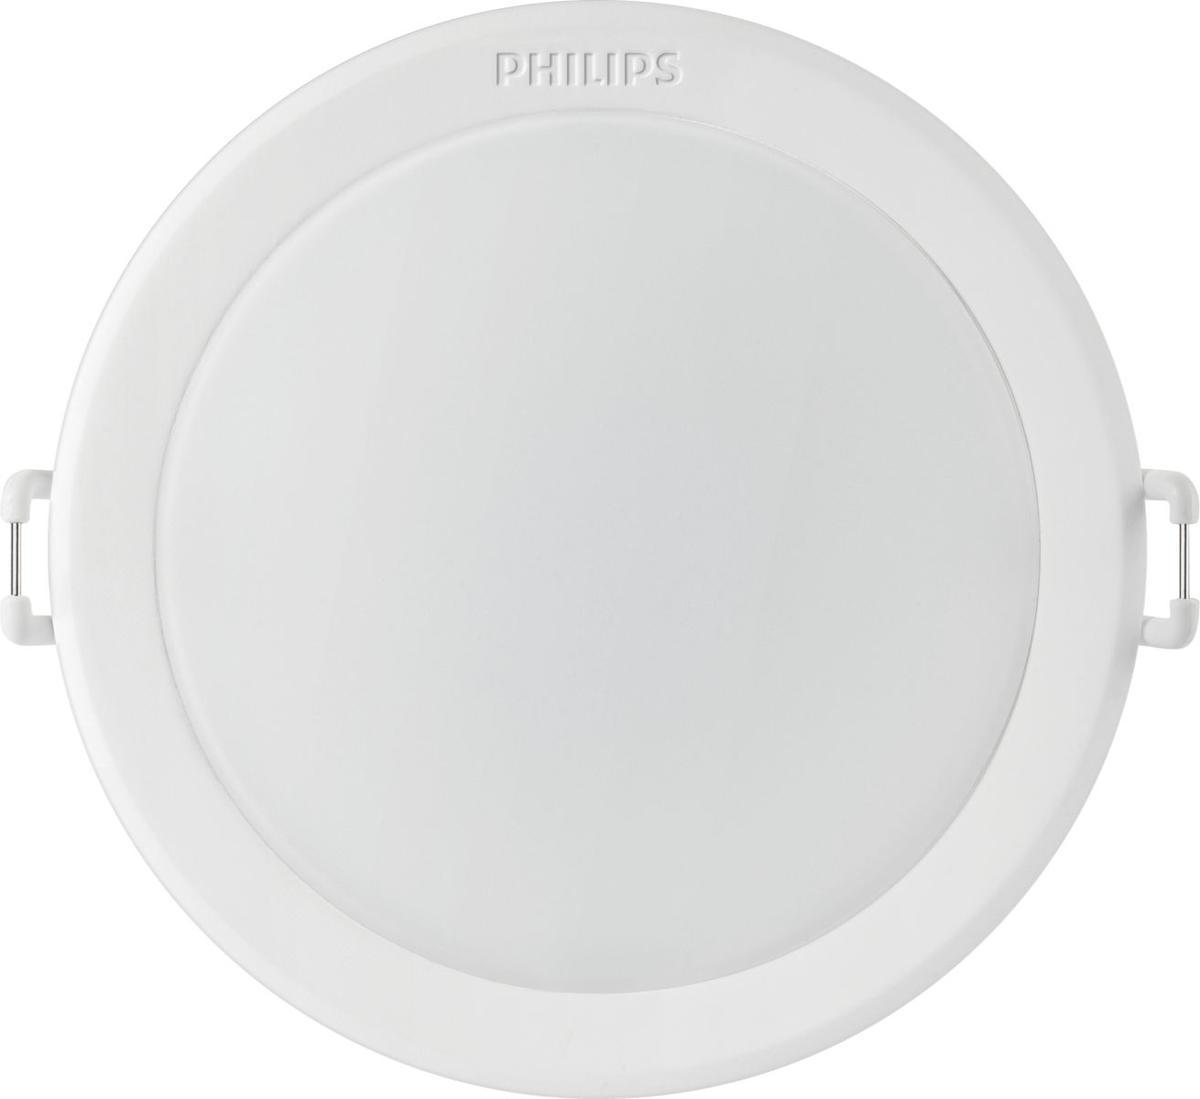 Philips LED deckenbeleuchtung Leuchte 7W Meson Warmweiß 59202/31/P1